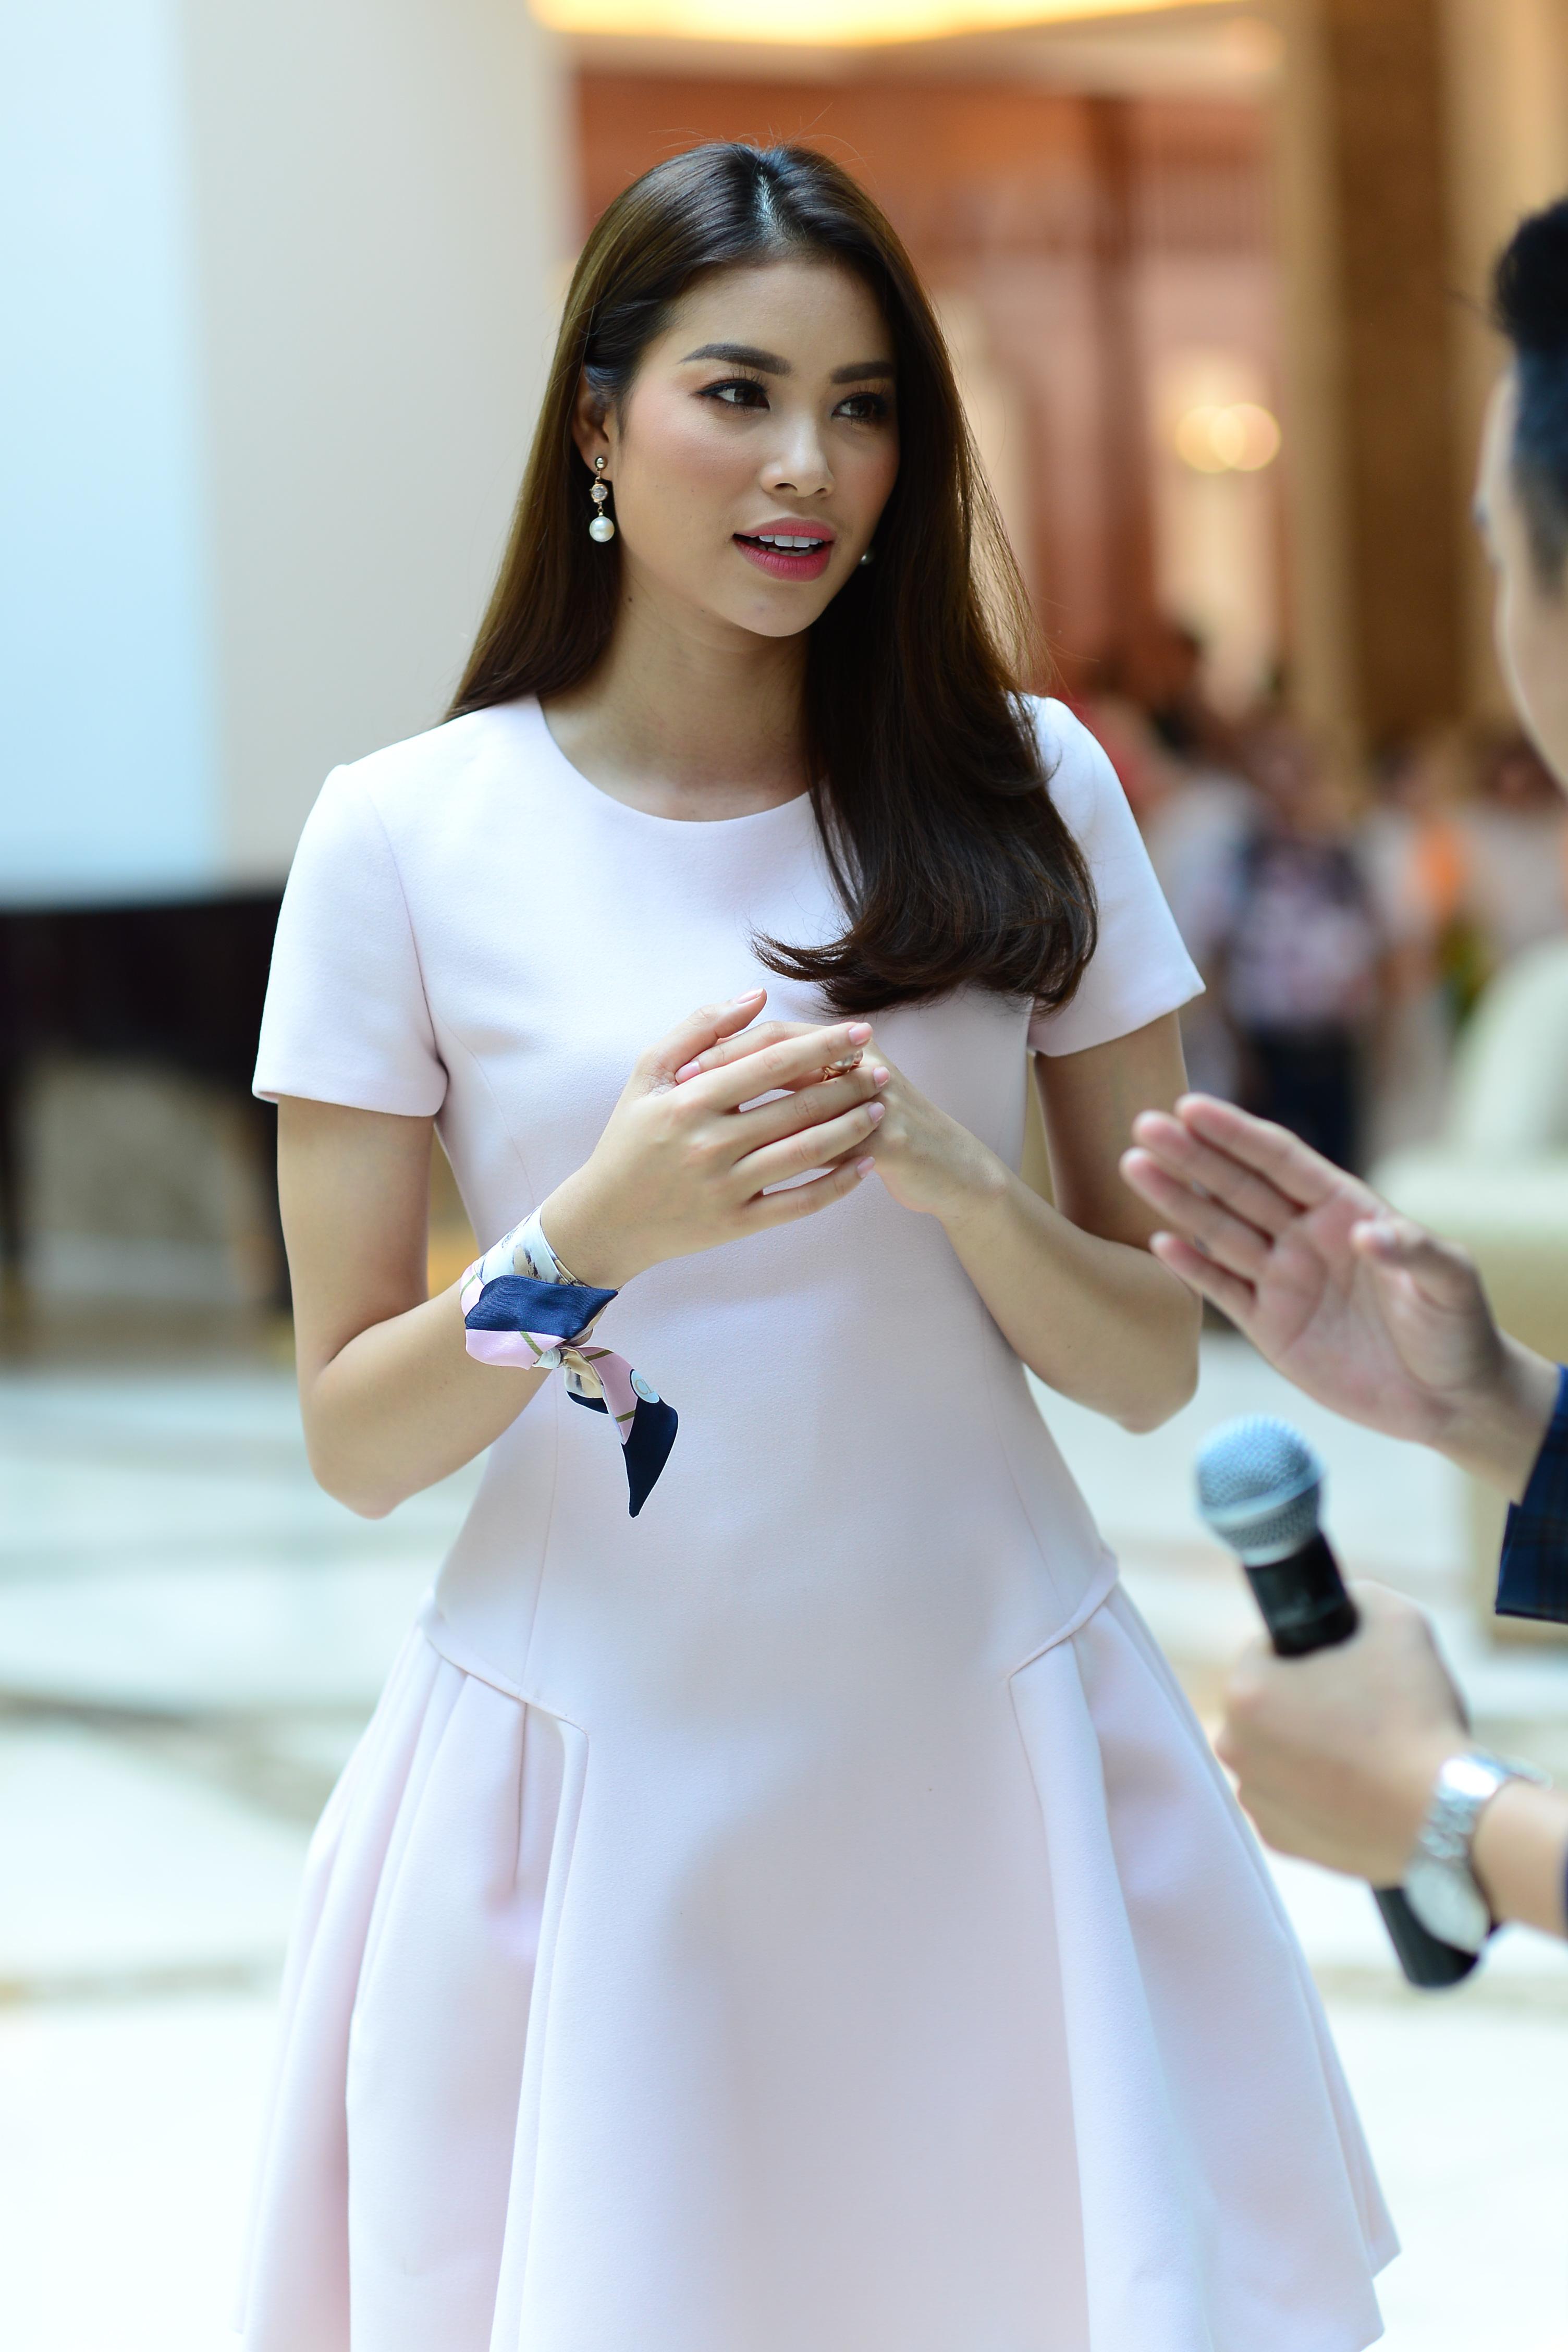 Không phải The Face, Phạm Hương góp mặt trong show thực tế về nghề MC - Ảnh 2.